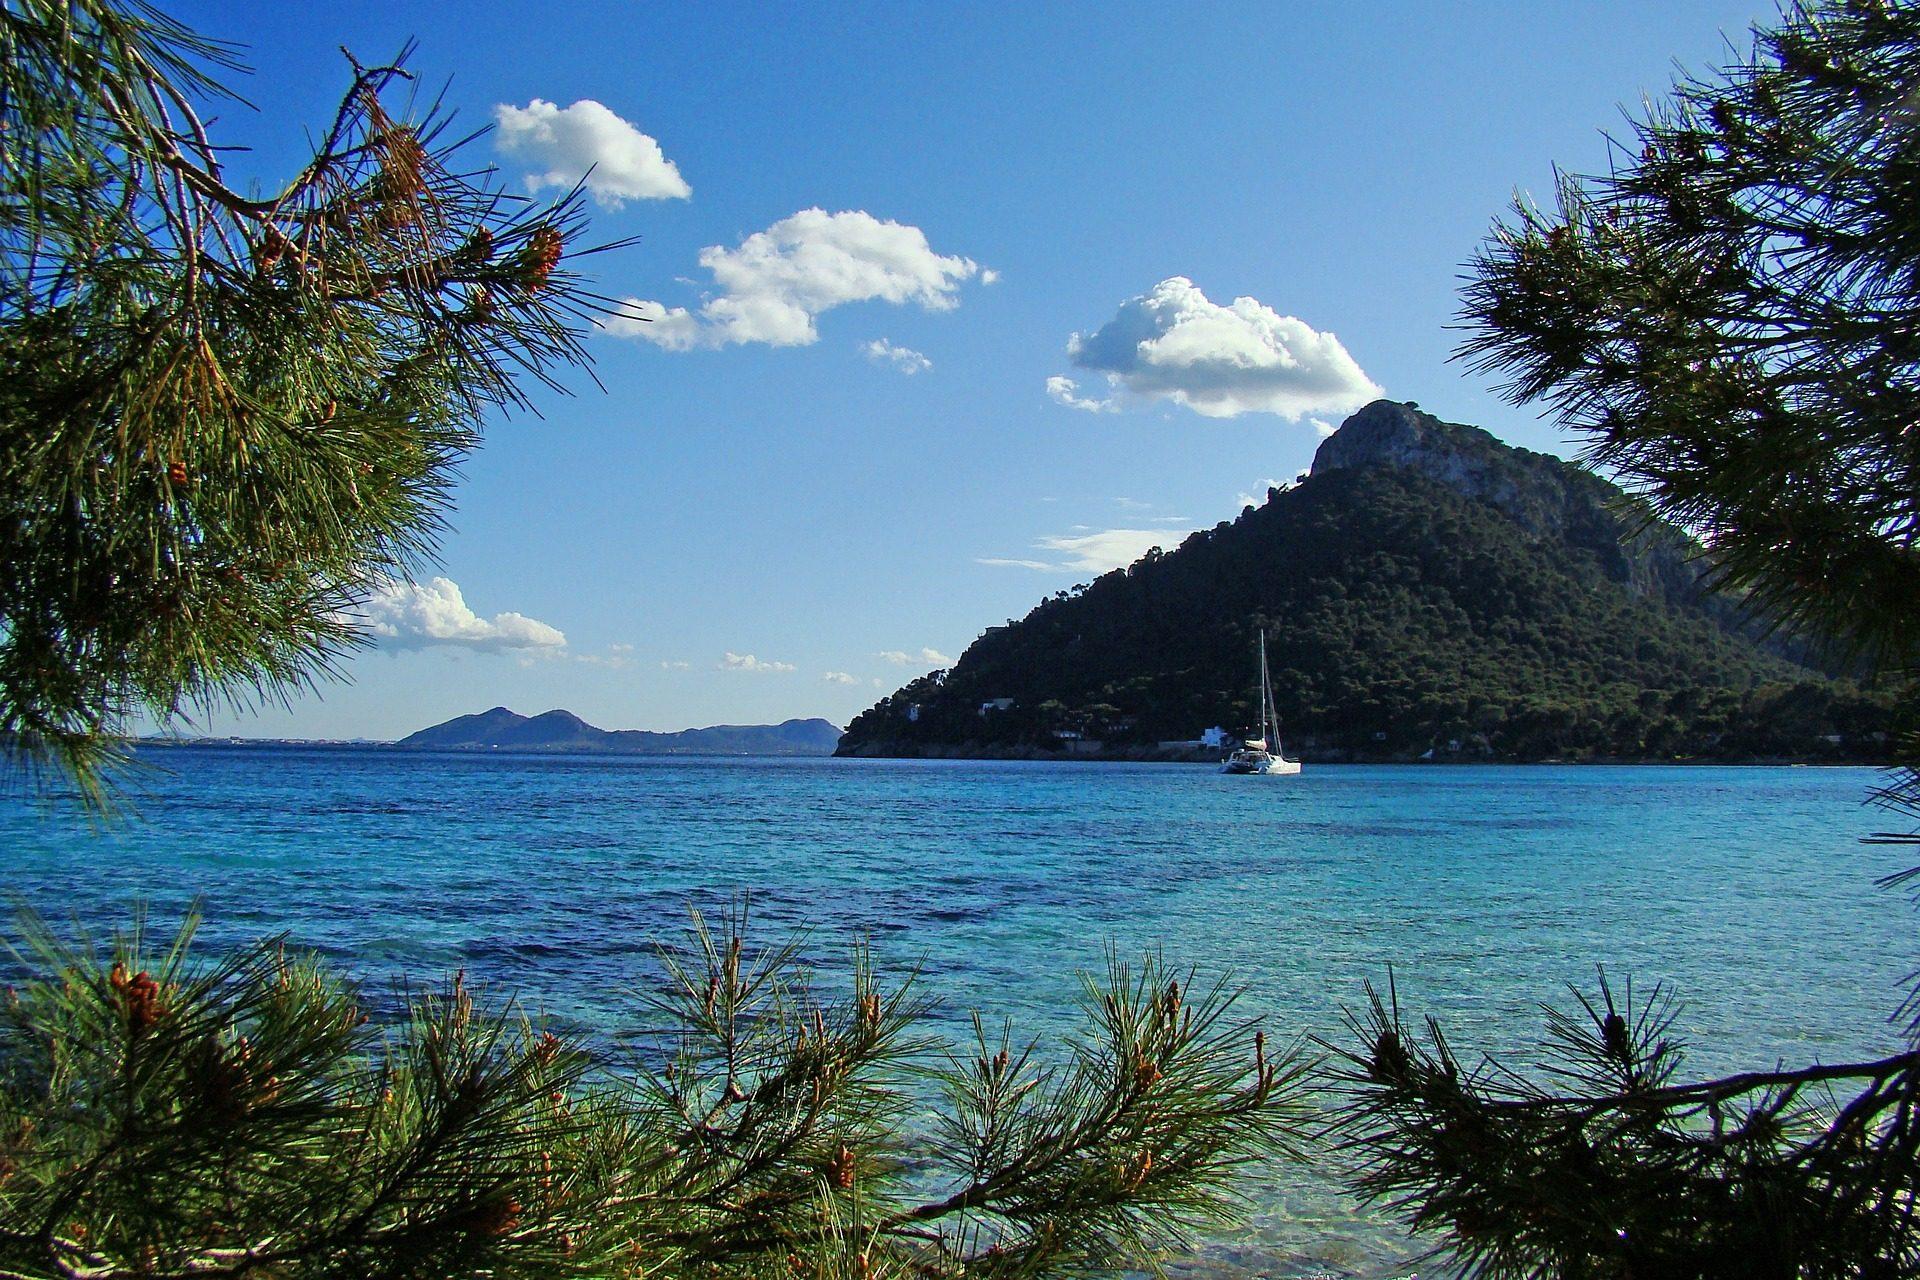 Eine Woche Mallorca günstig buchen ab 153,00€ - im 4 Sterne Erwachsenenhotel